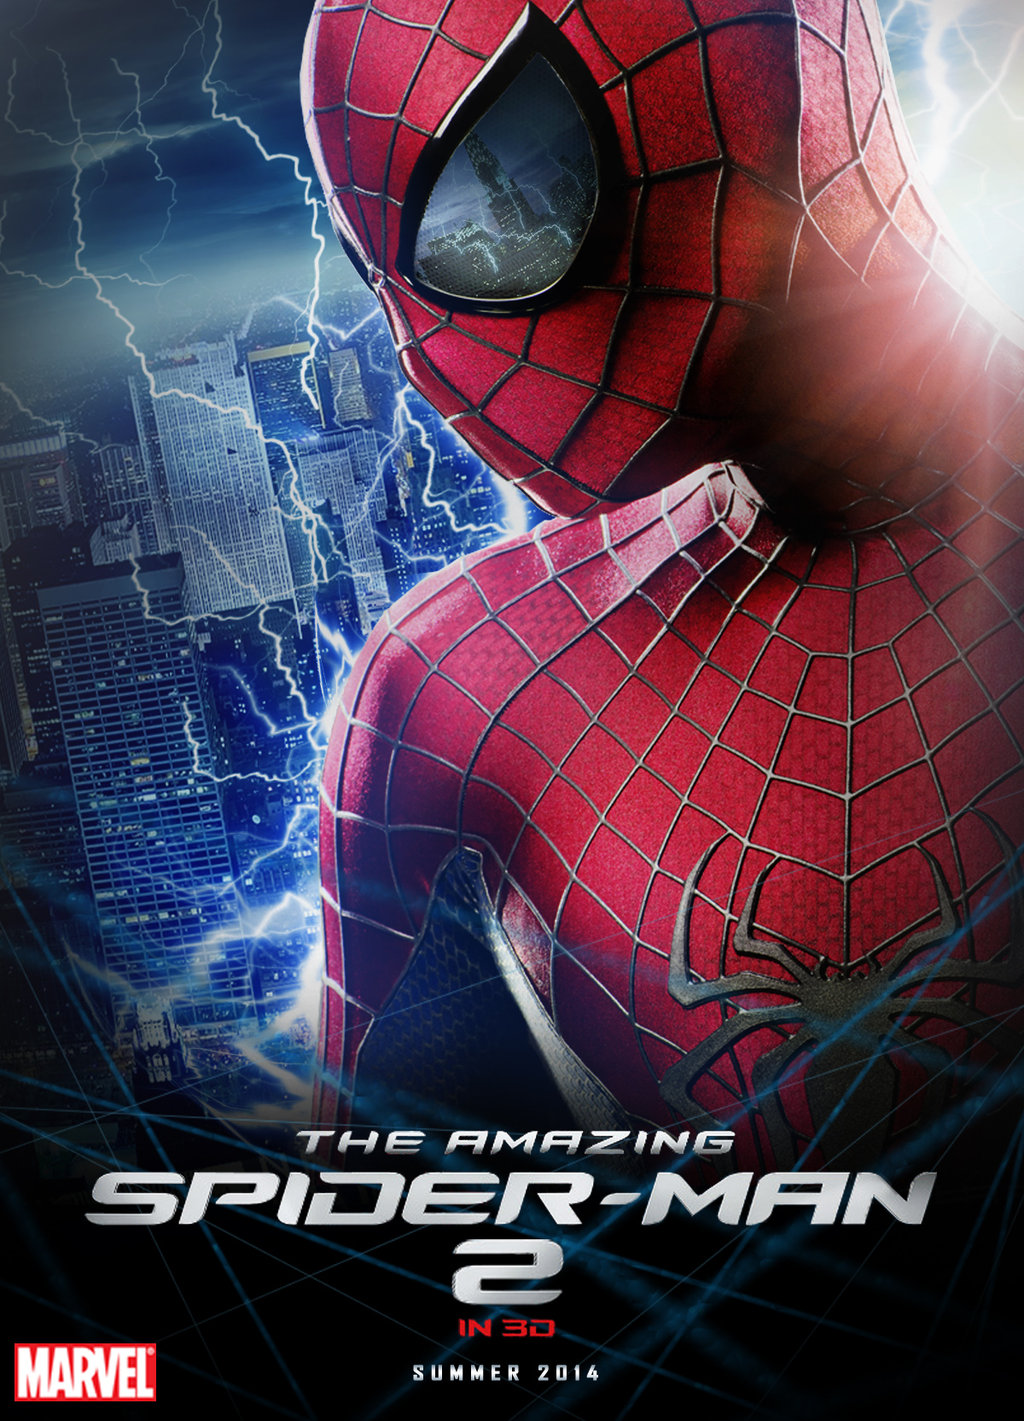 amazing_spider-man_2_poster_2014_01.jpg